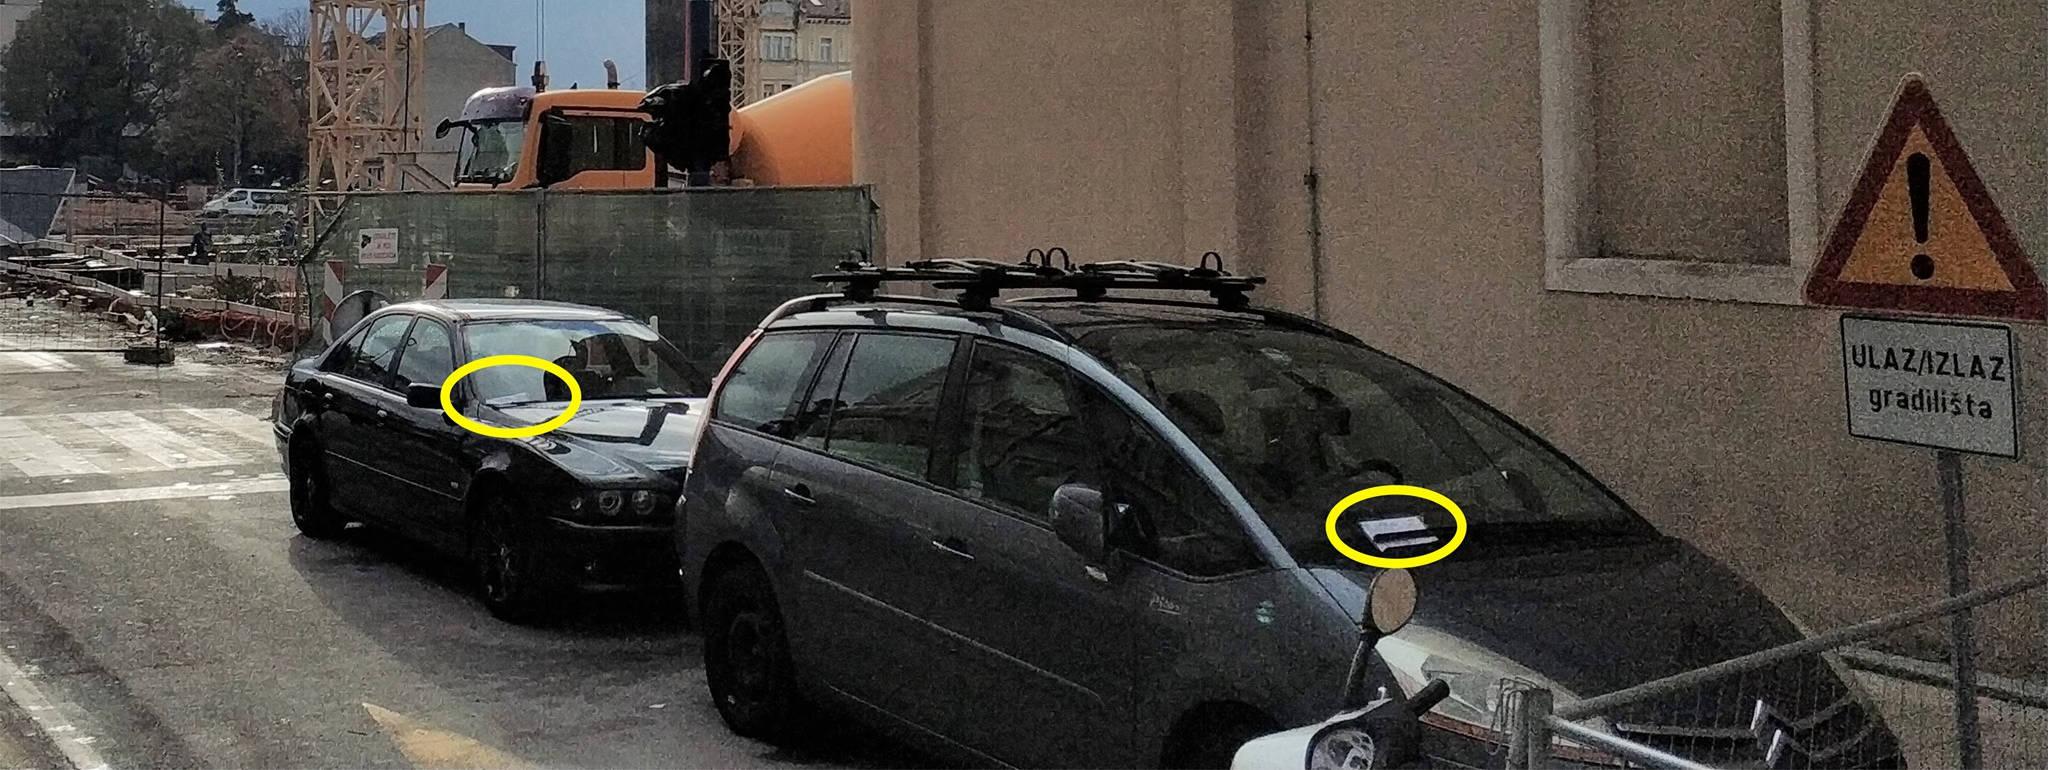 Komunalci se sjetili provoditi propise ispred vlastite butige?